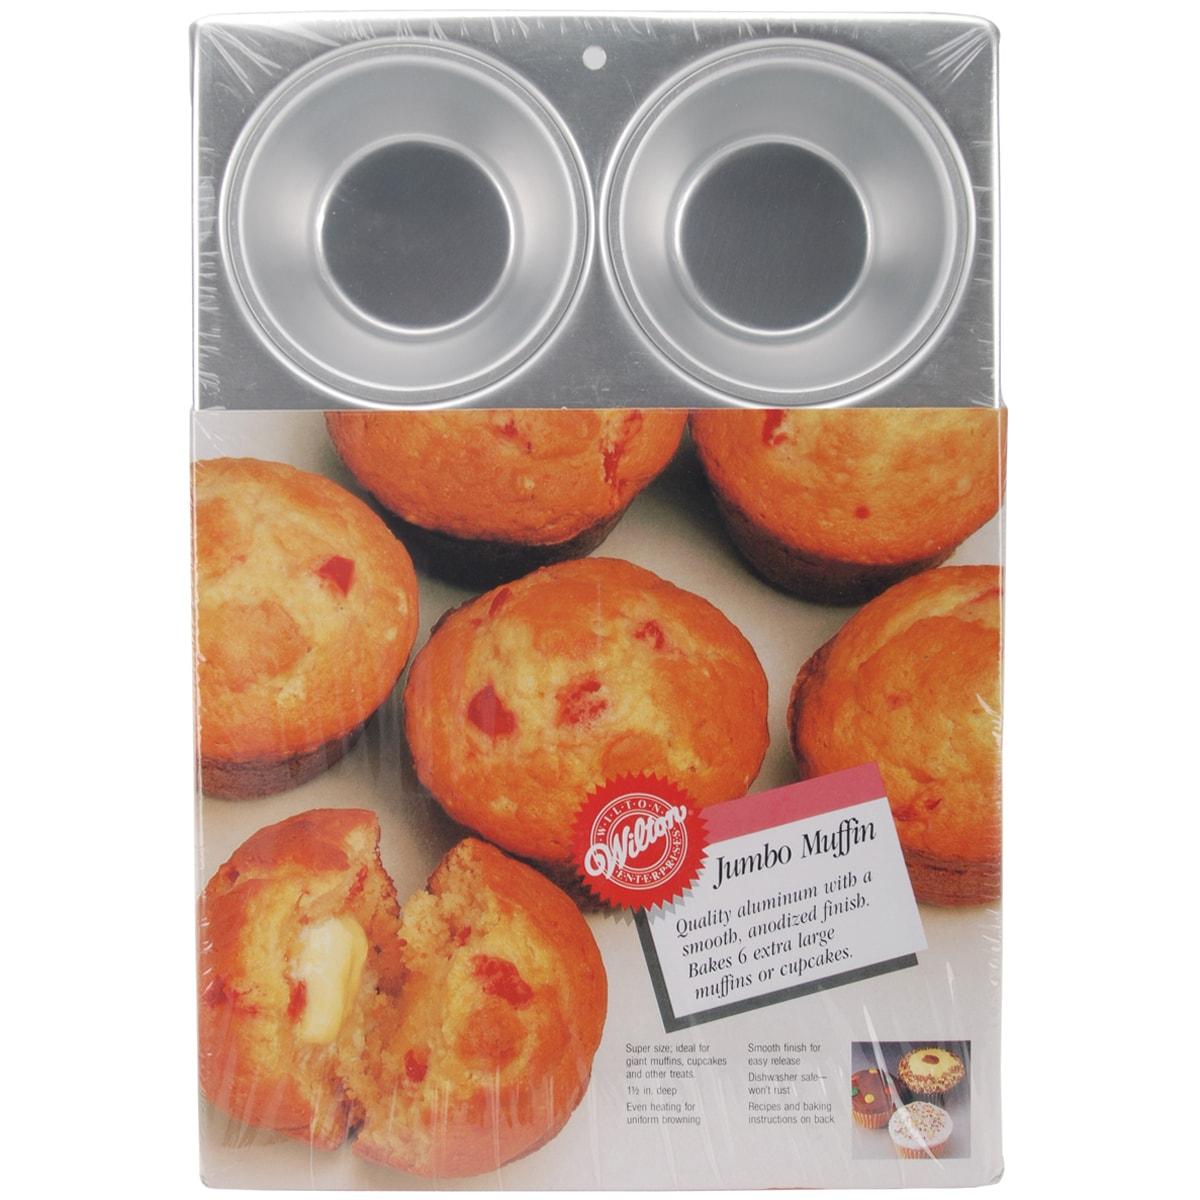 Jumbo Muffin Pan-6 Cavity